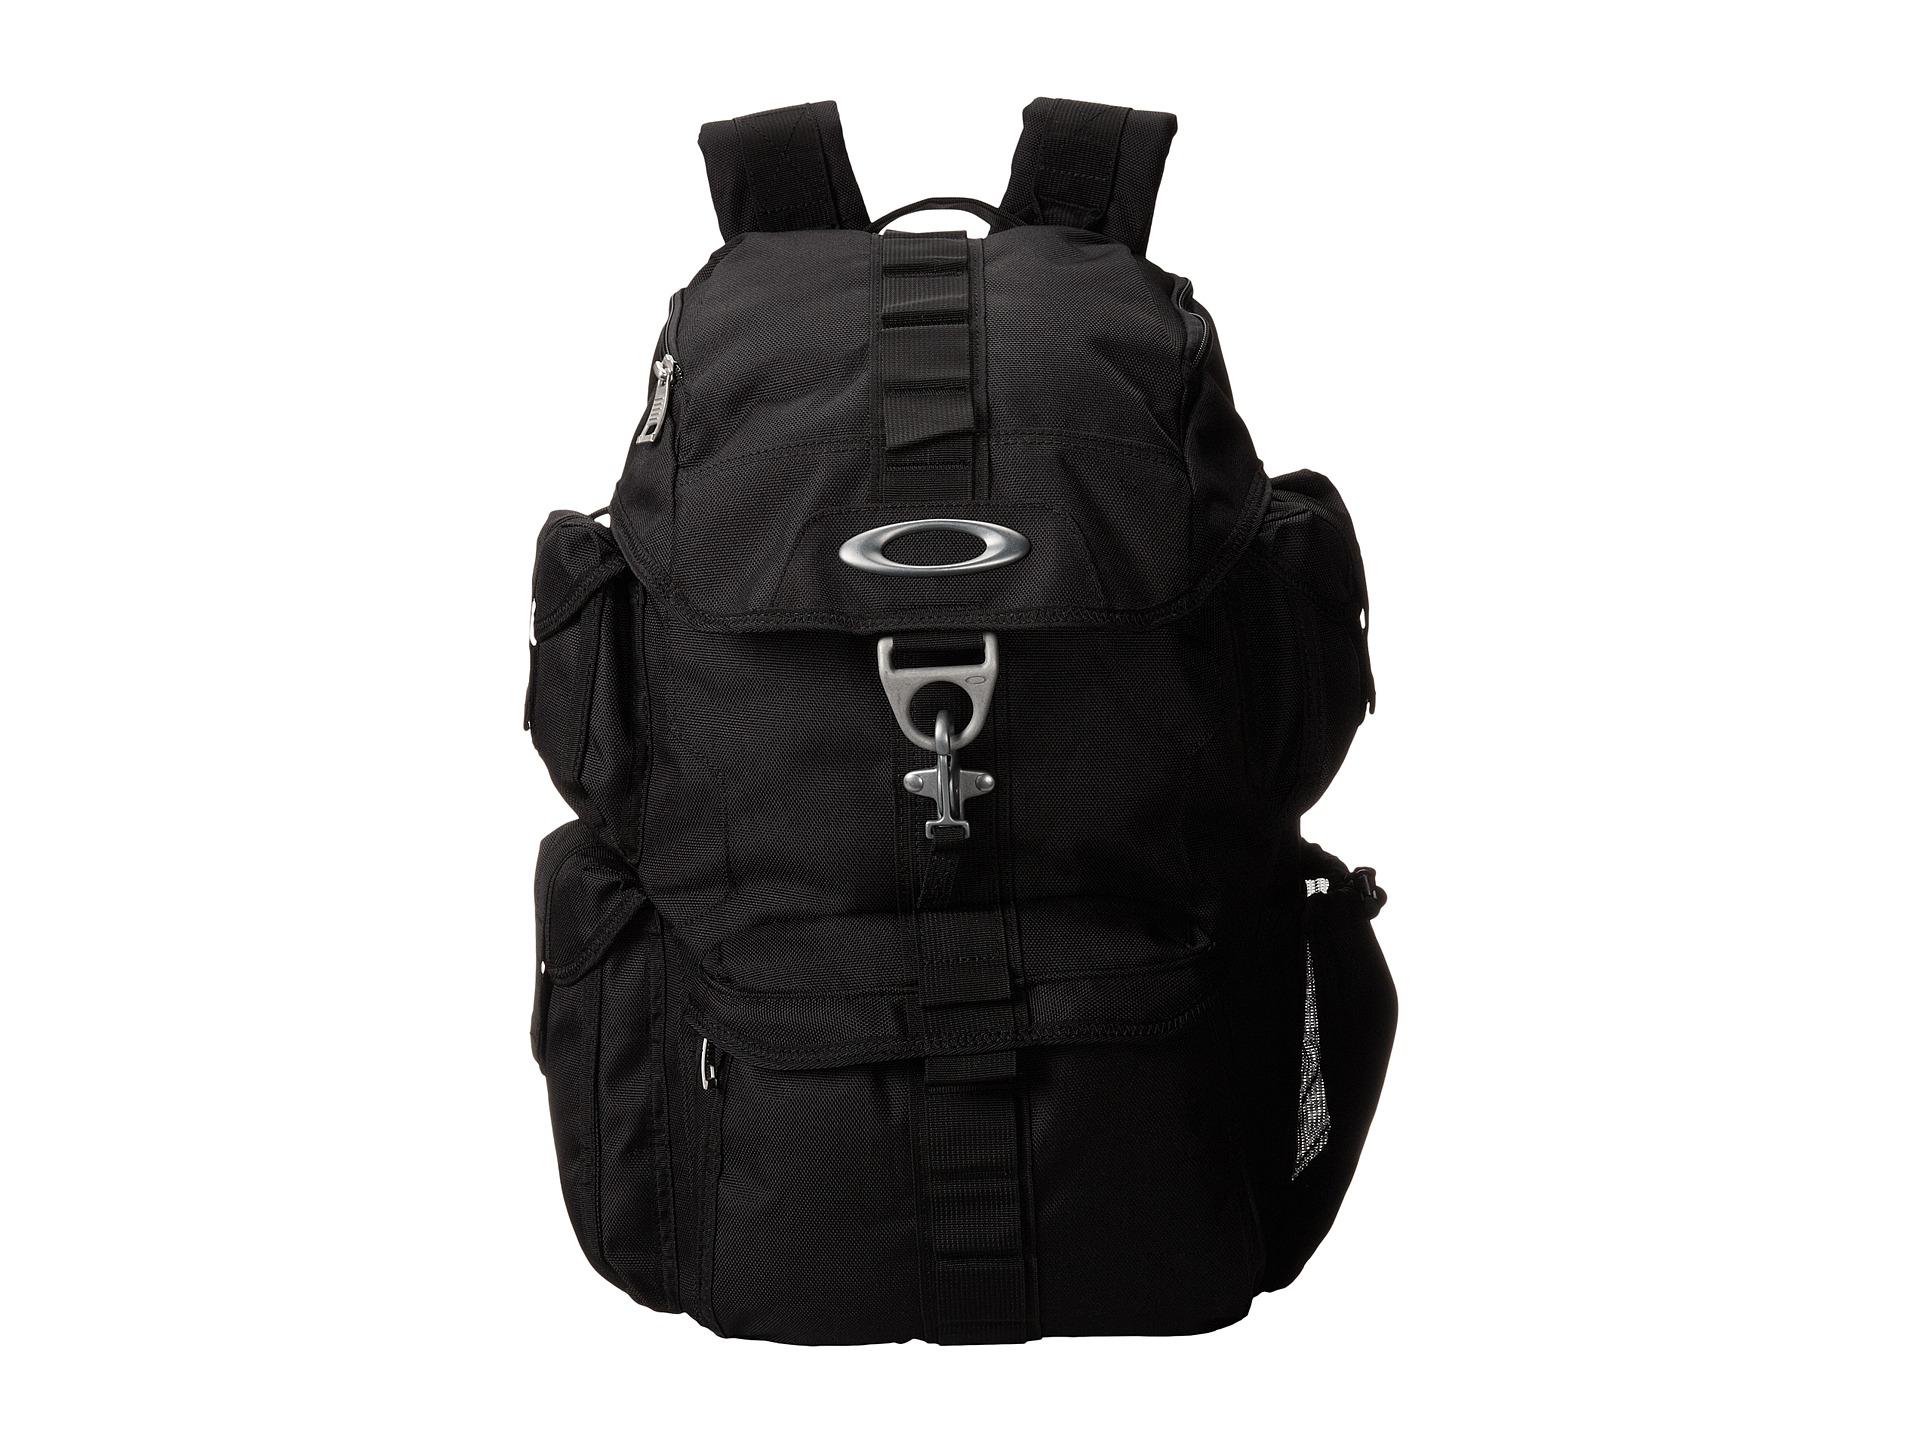 dcabf3300abd2 Lyst - Oakley Dry Goods Pack in Black for Men